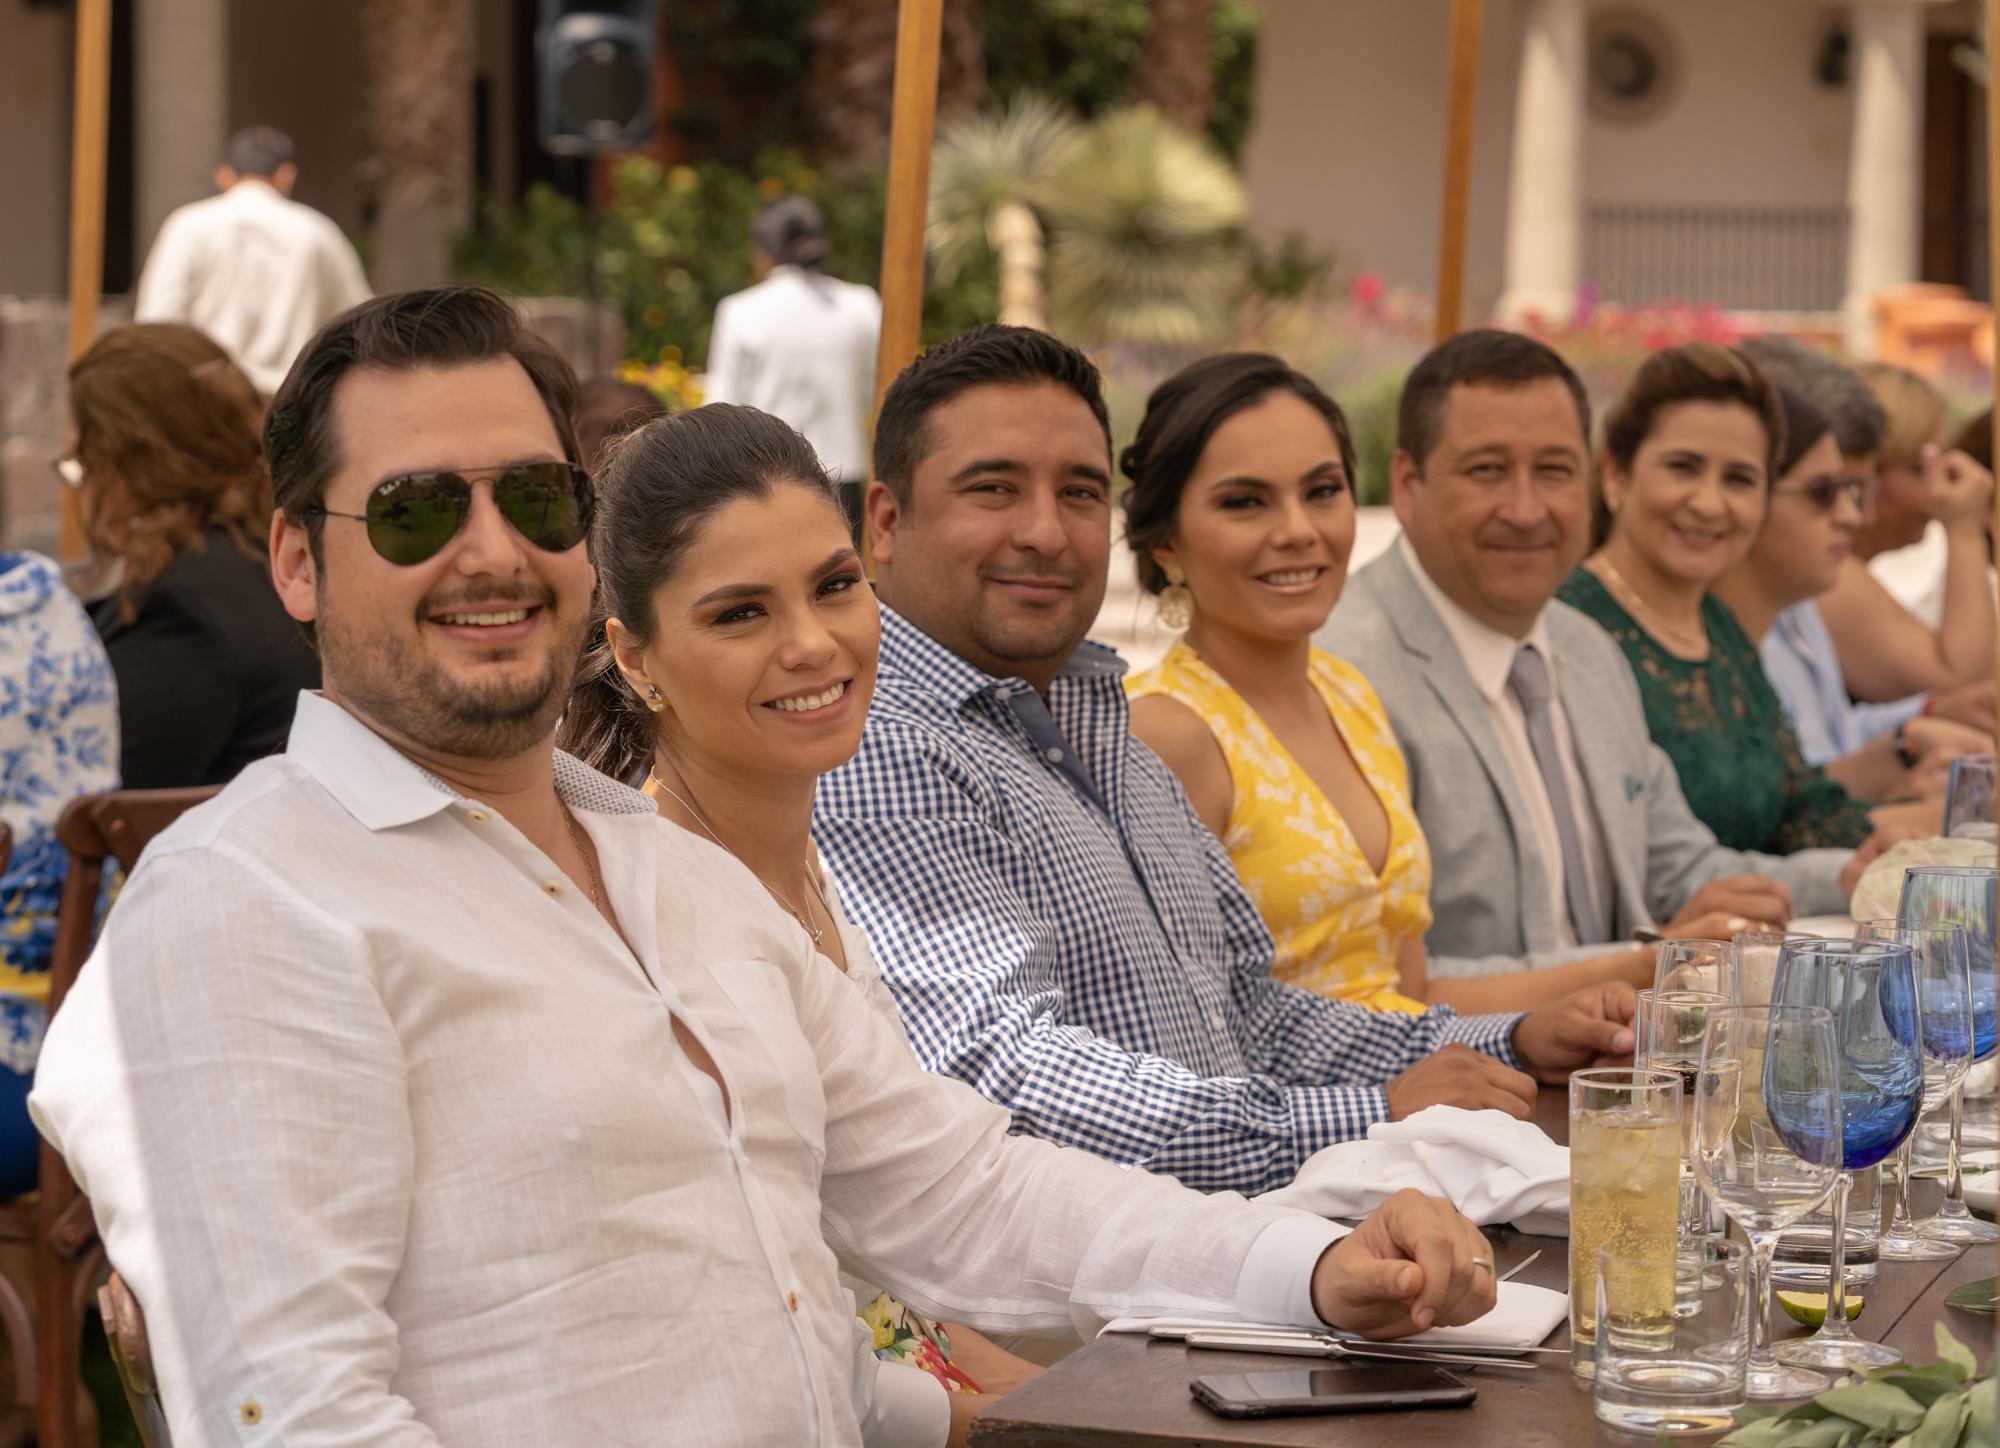 Sesion de Fotos en Rosewood San Migue de Allende del Bautizo de Alfonso-130.jpg